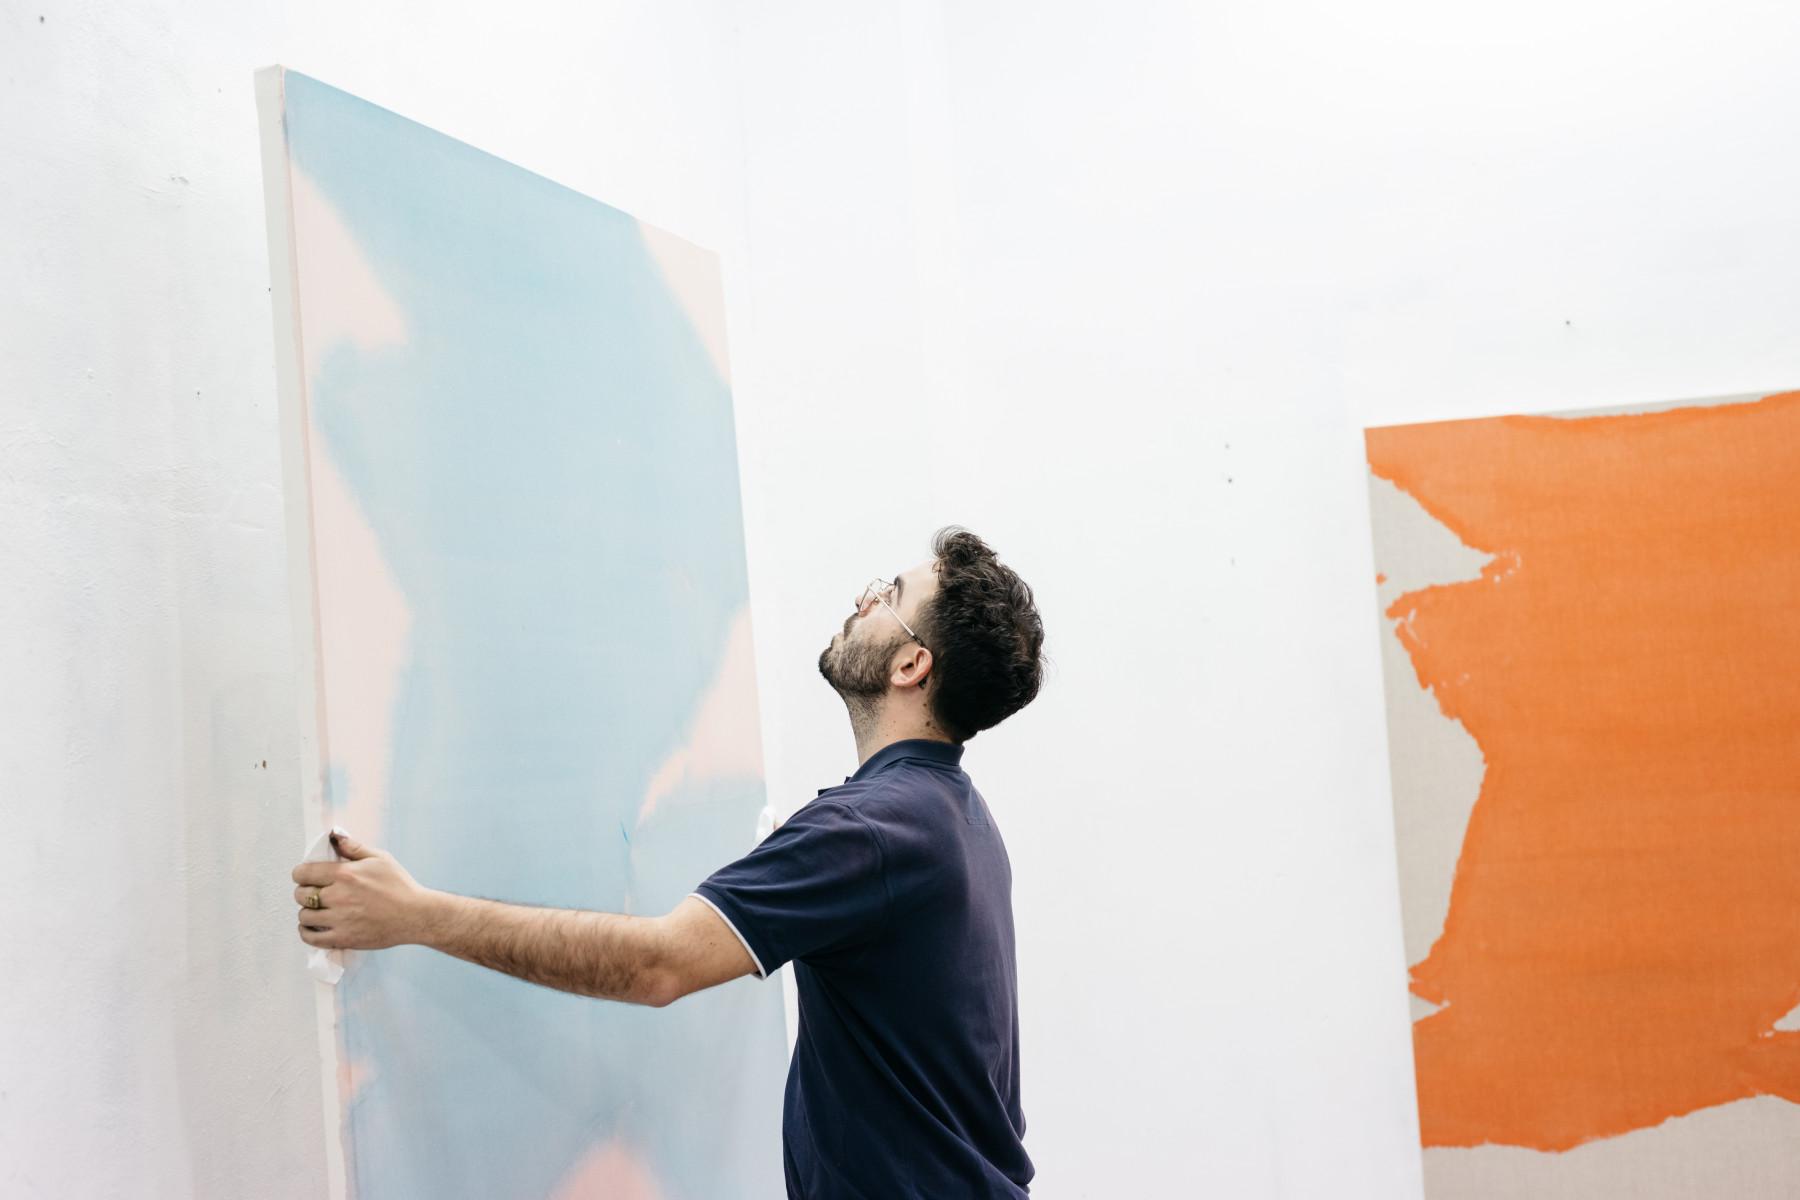 Man putting up artwork